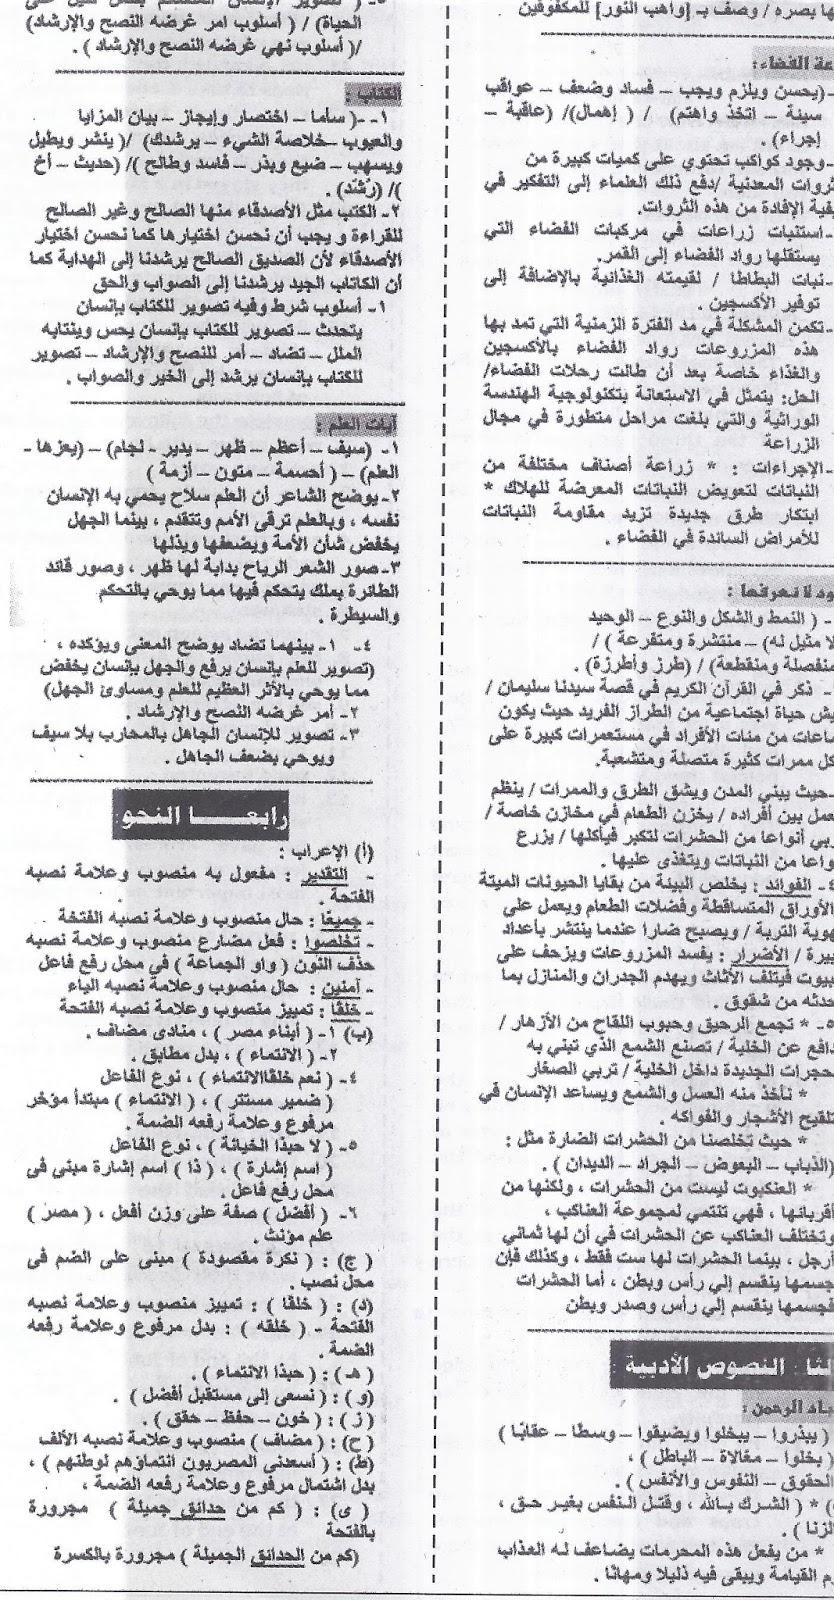 """توقعات ملحق الجمهورية """"امتحانات مجابة"""" فى اللغة العربية للشهادة الإعدادية - نصف العام 2016 Scan0011"""